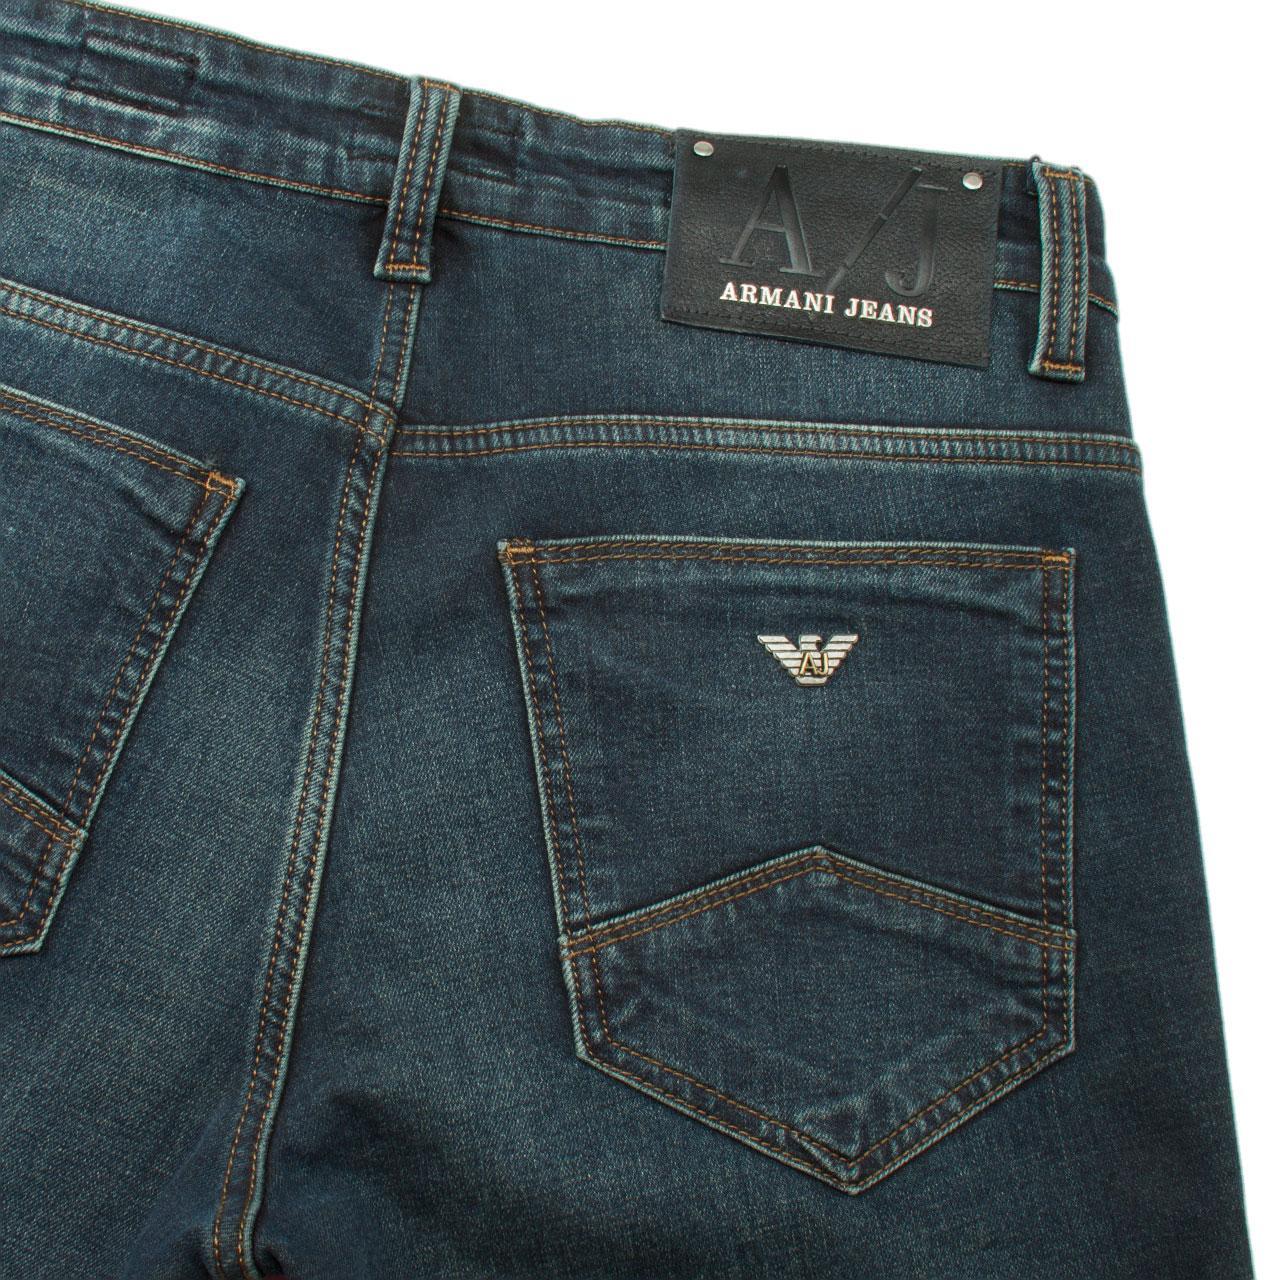 Джинсы мужские утеплённые ARMANI  продажа, цена в Полтаве. джинсы ... ed499161899